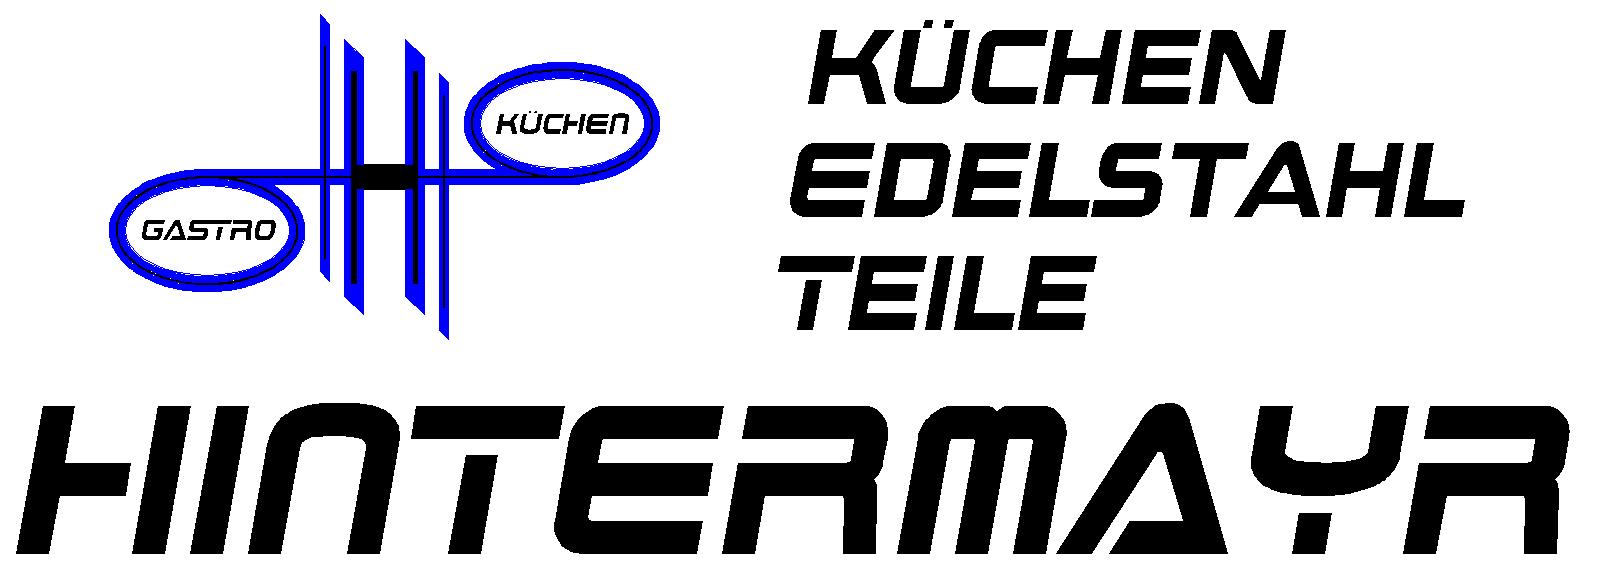 GASTROKÜCHEN HINTERMAYR - EDELSTAHL – KÜCHEN – TEILE | Ihr verlässlicher Partner für Gastroküchen, Edelstahl, Küche, Nirosta, Planer, Hersteller, Umbau, Gastronomie, Outdoor, Foodtruck, Arbeitsplatte aus Neumarkt/H.